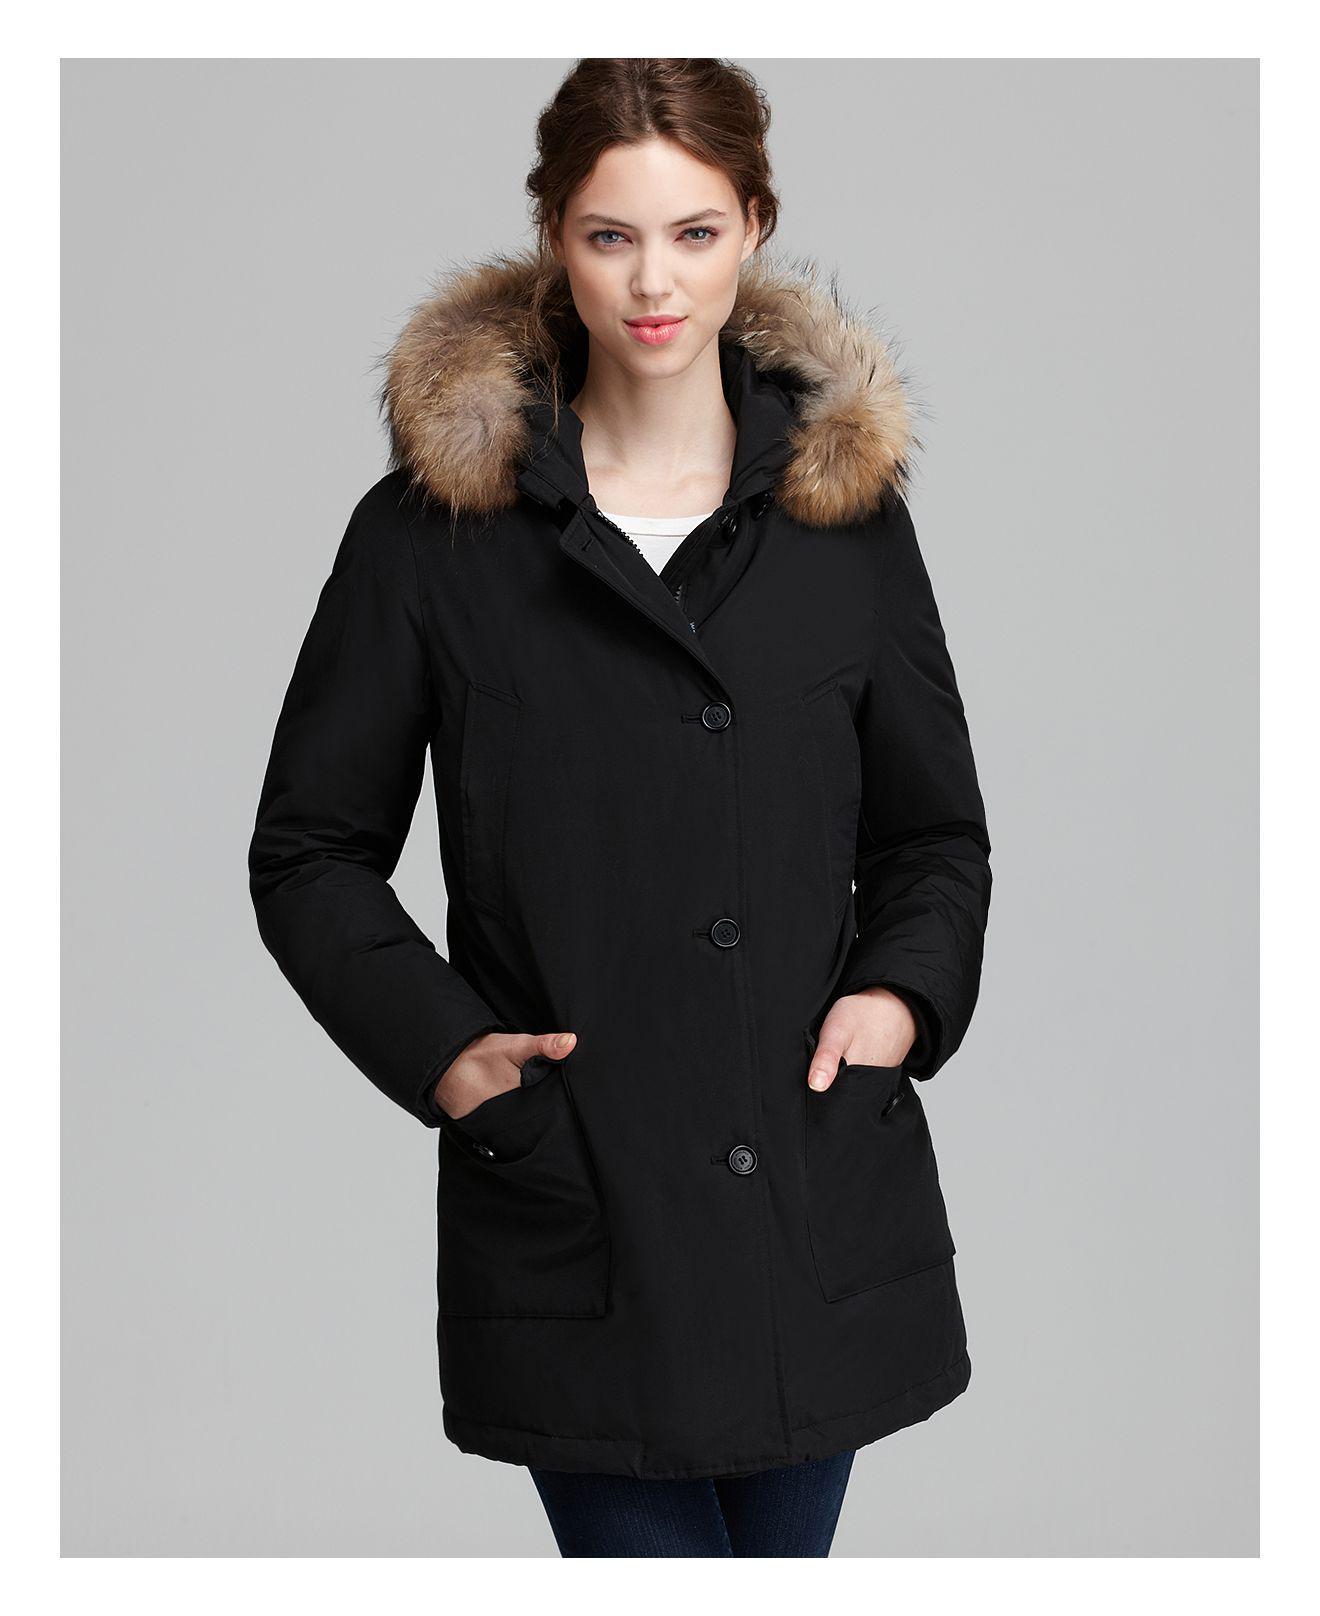 lyst woolrich parka arctic fur trim in black. Black Bedroom Furniture Sets. Home Design Ideas